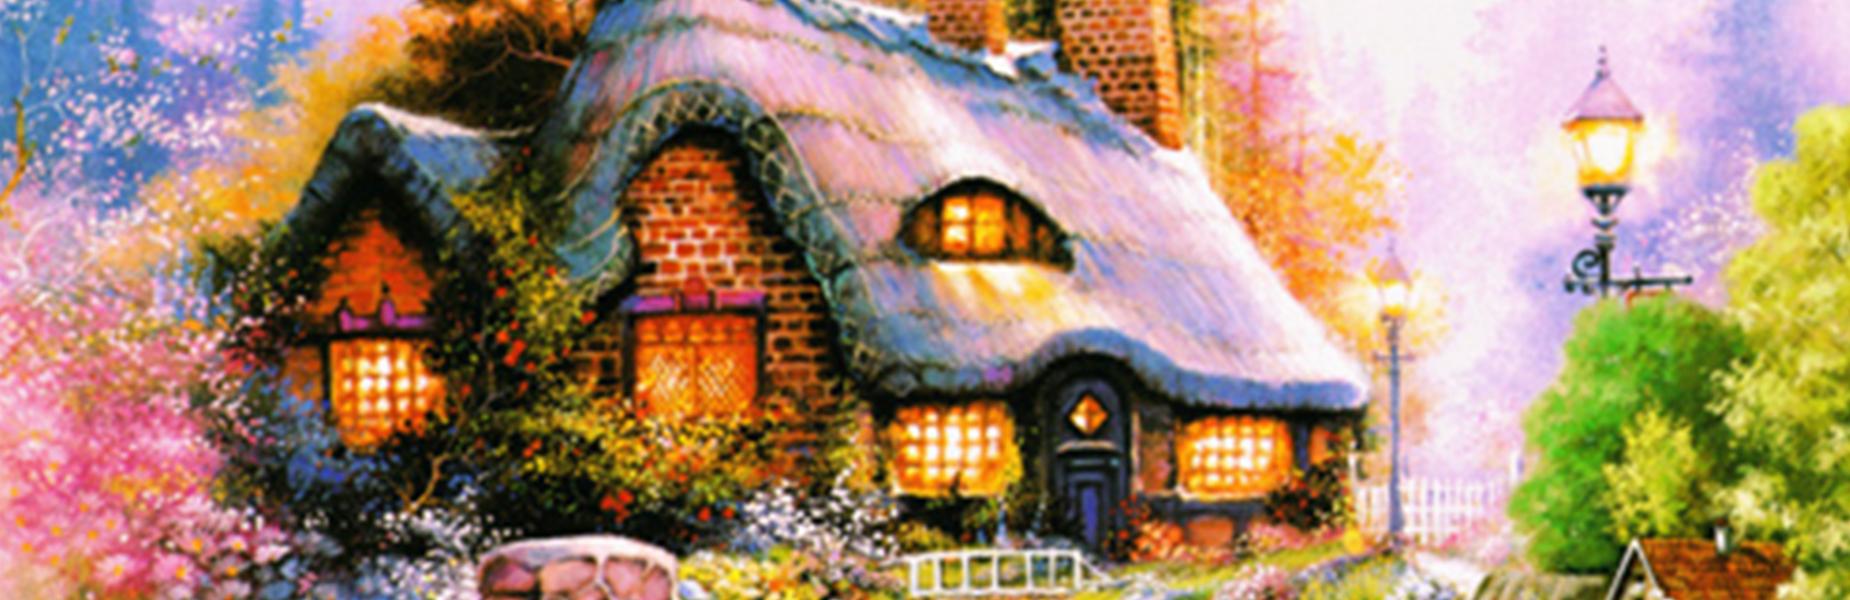 童话屋.jpg